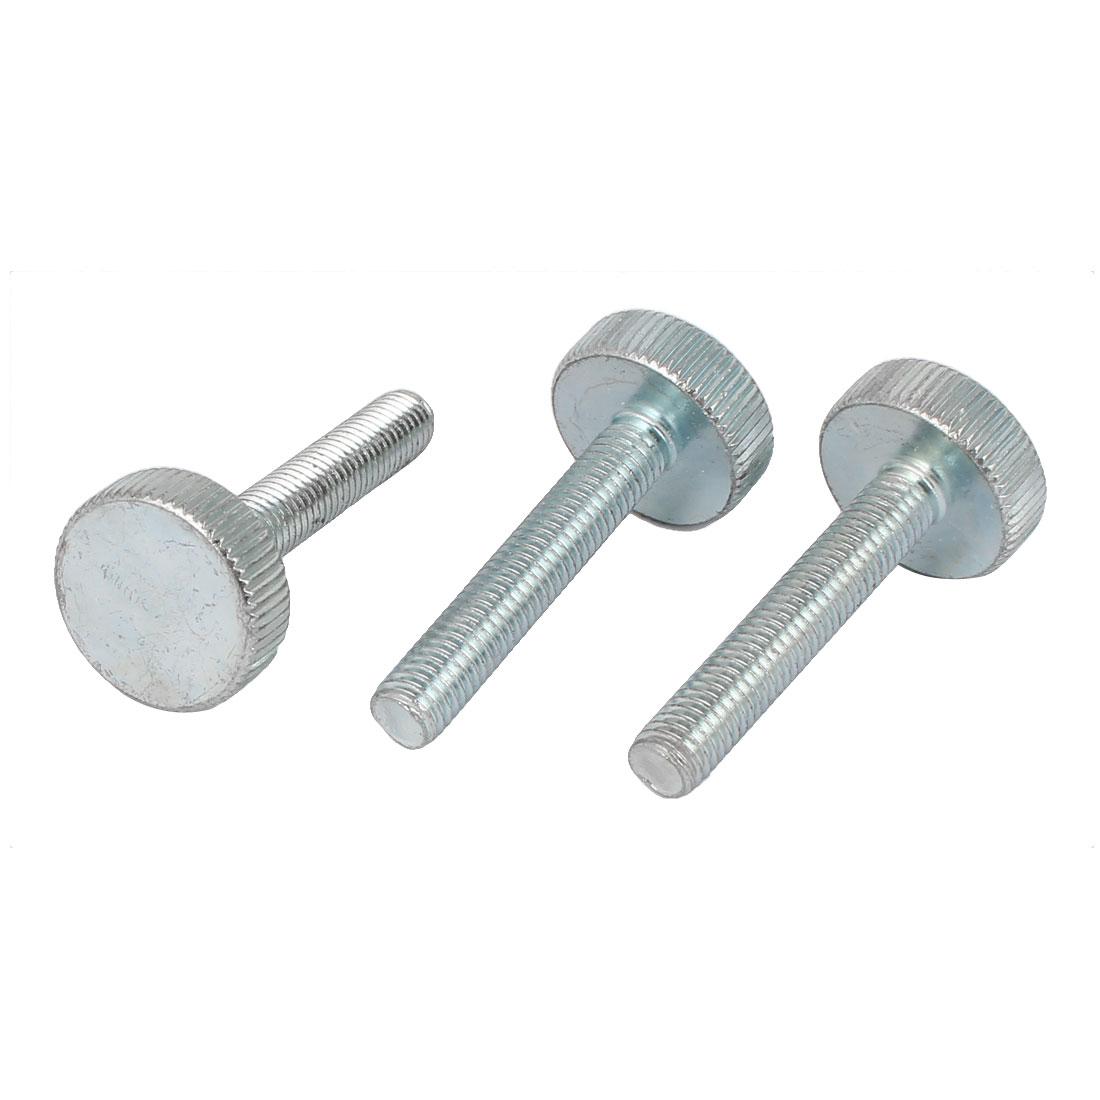 M8x45mm Thread Carbon Steel Knurled Round Head Thumb Screws Silver Blue 3pcs